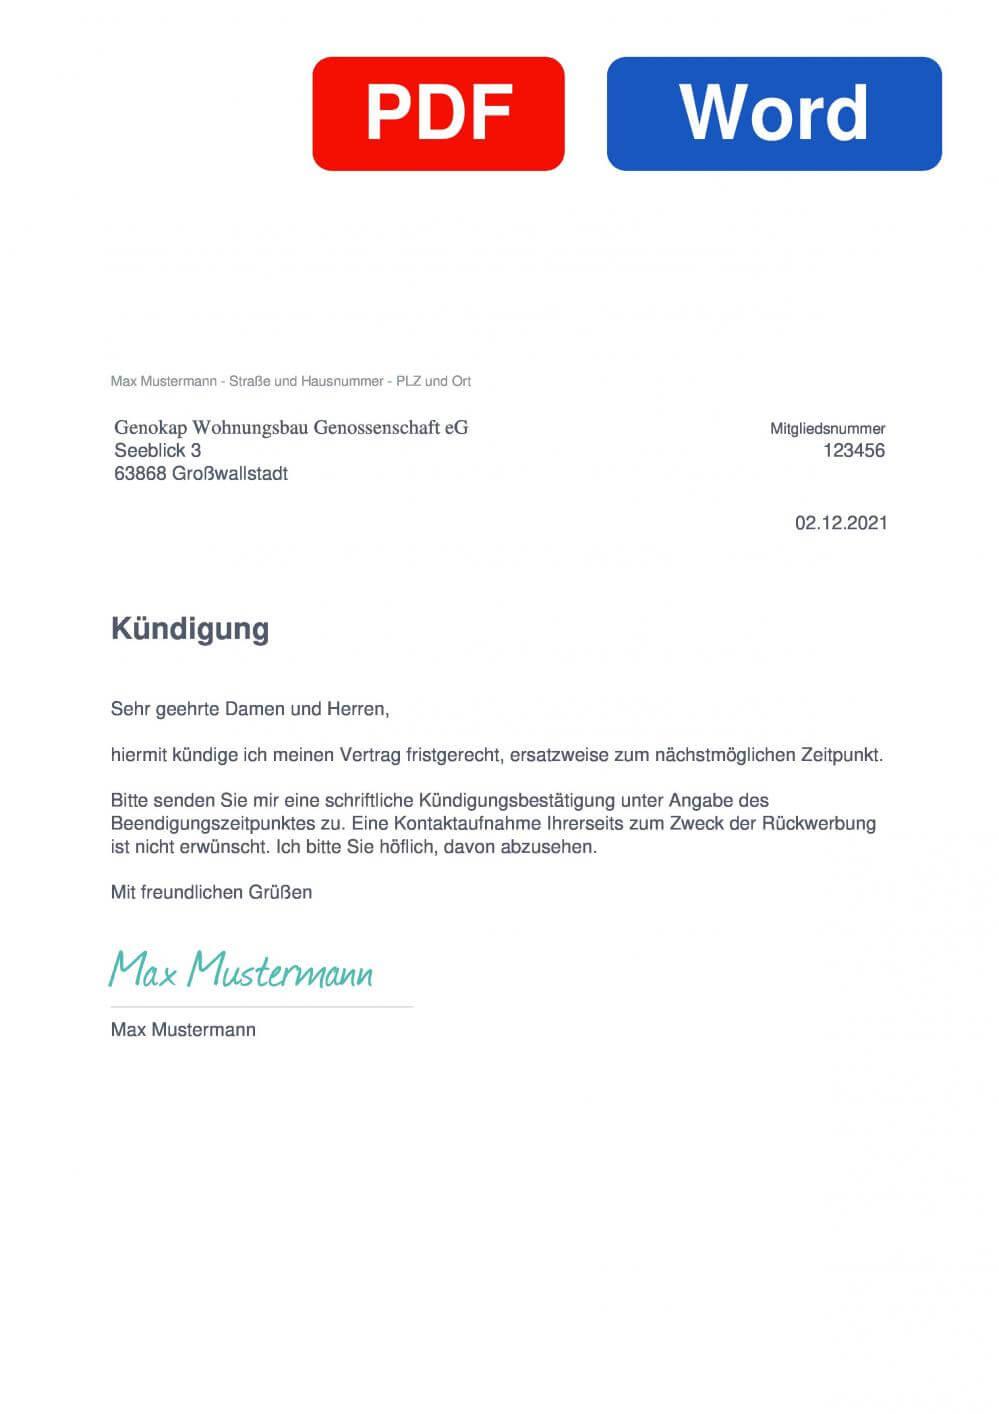 Genokap Wohnungsbaugenossenschaft eG Muster Vorlage für Kündigungsschreiben